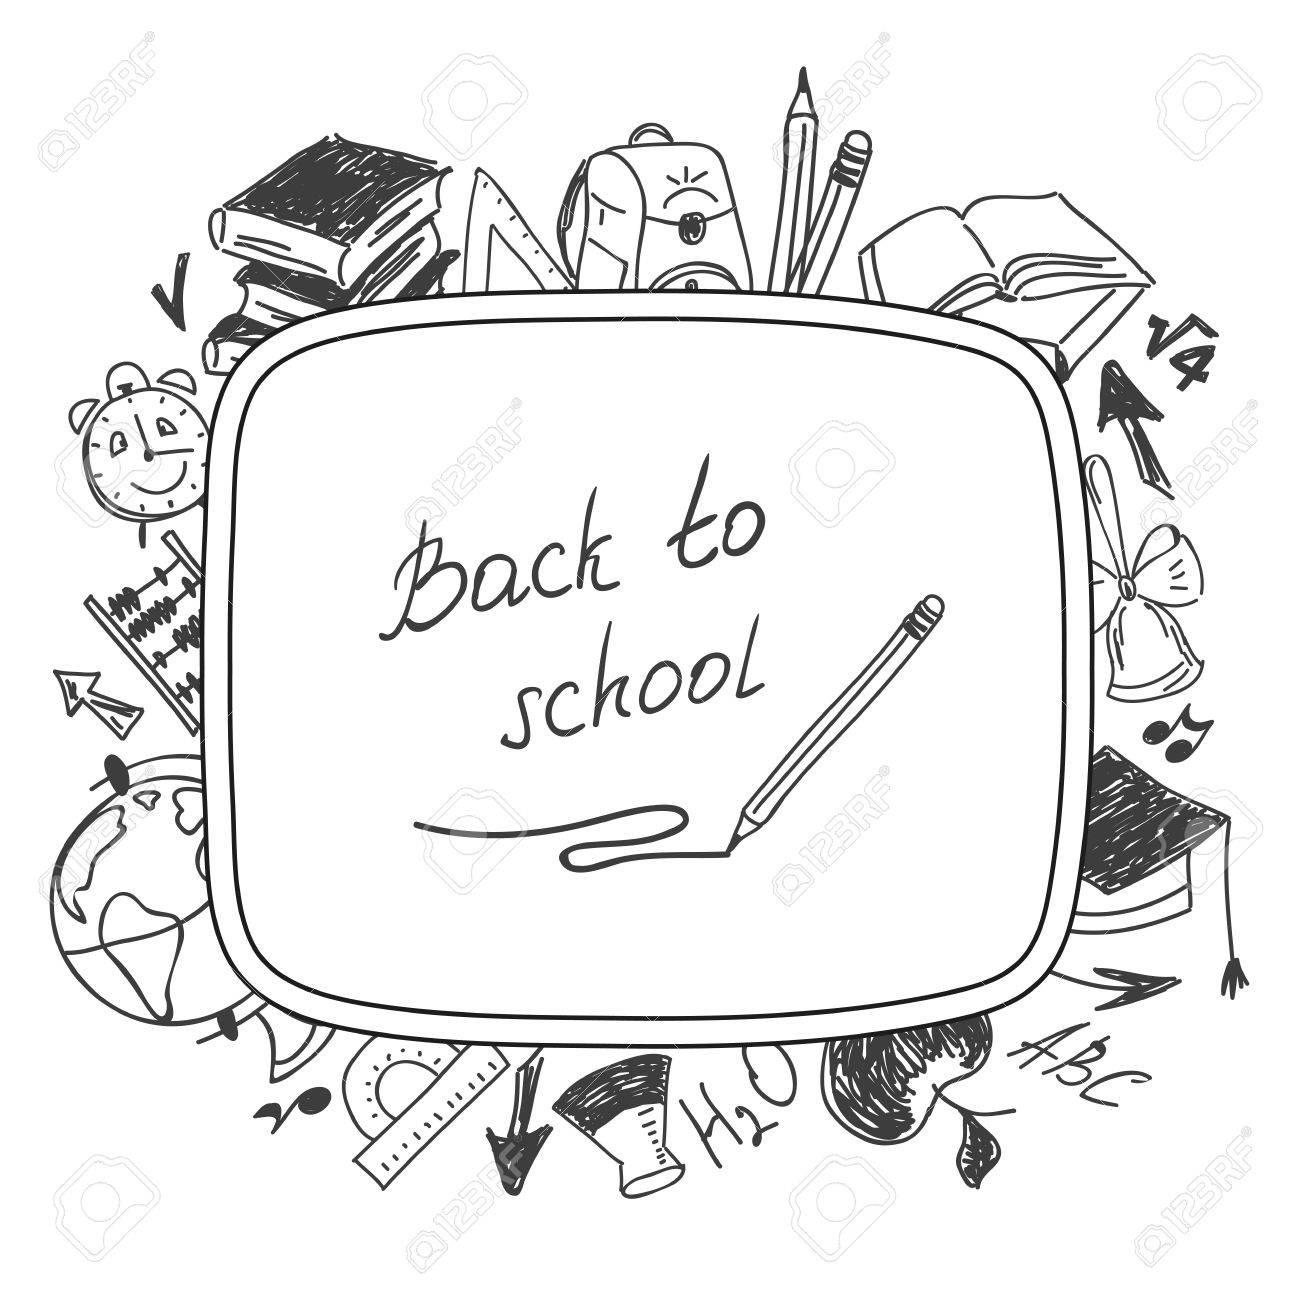 welcome back to school, school background of school supplies